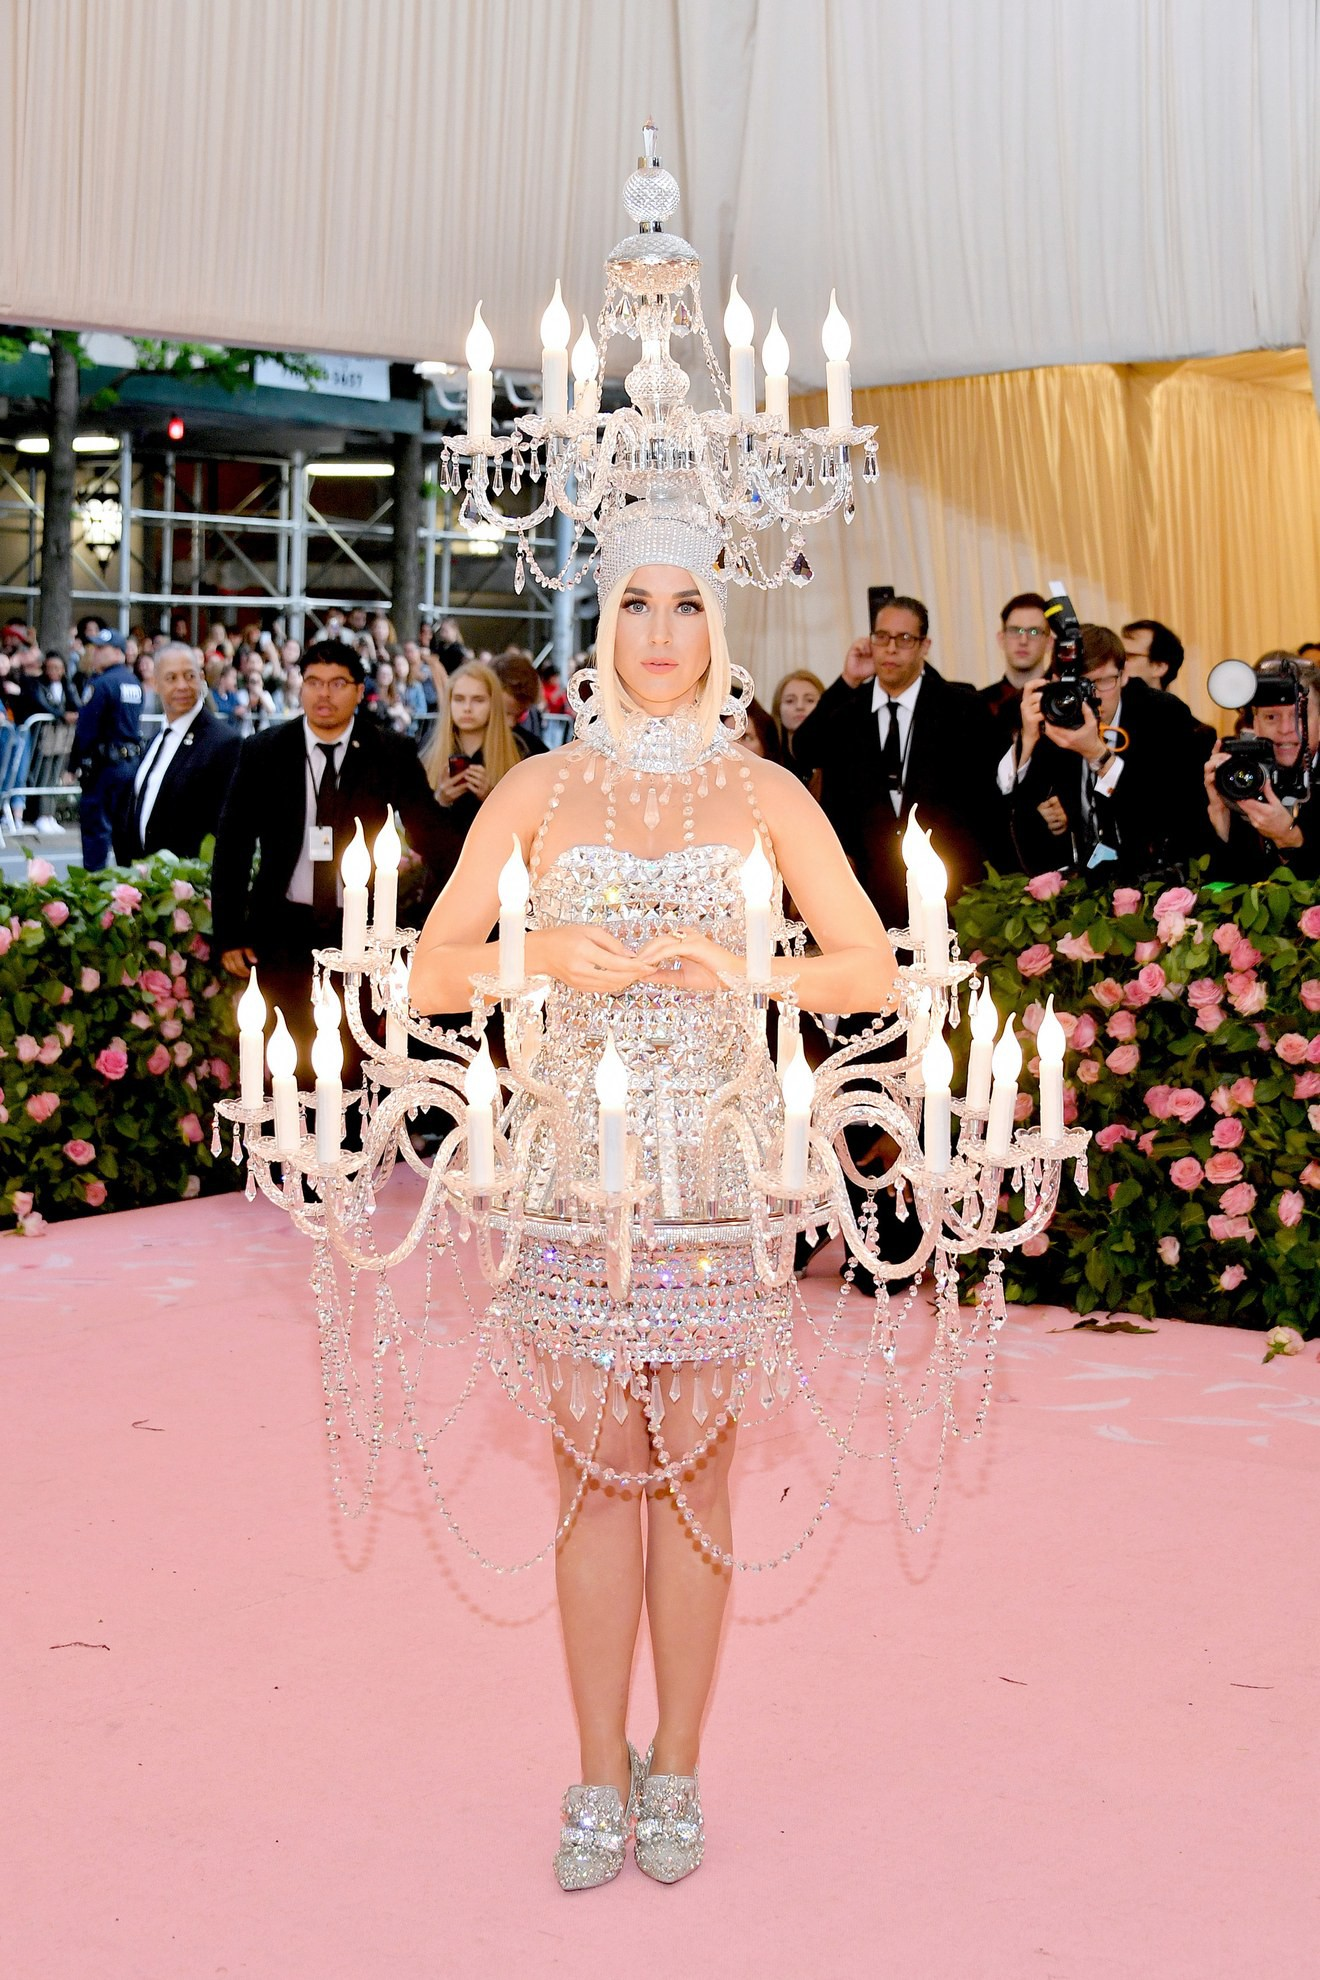 Met Gala 2019: Khó ai chơi lớn bằng Lady Gaga, Katy Perry hóa đèn chùm nhưng chặt chém không kém là nam nhân dát vàng nằm kiệu - Ảnh 10.